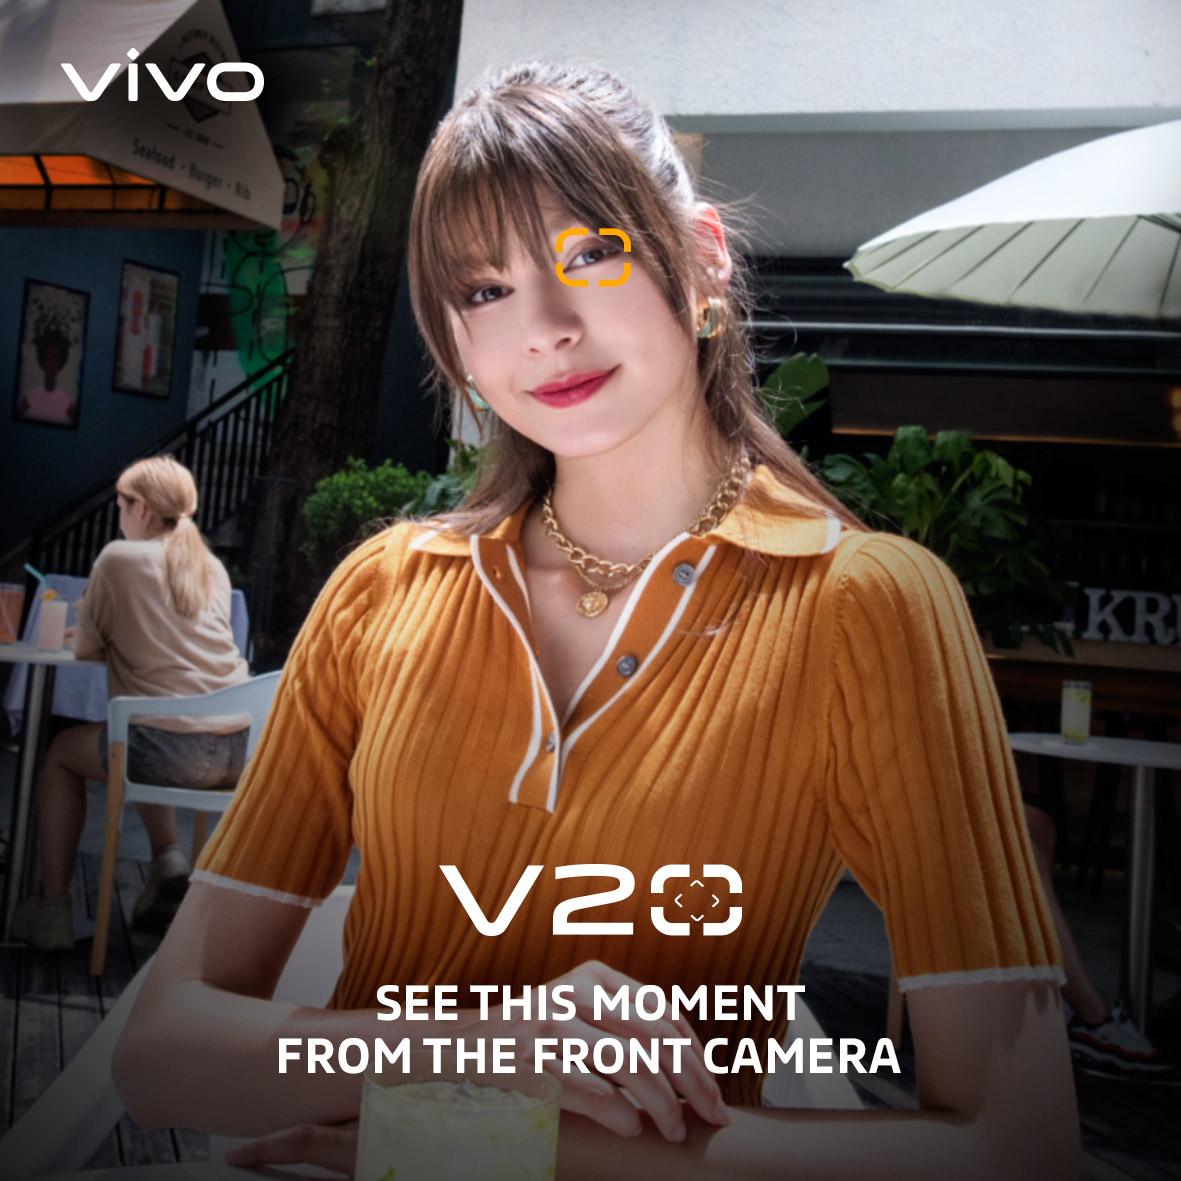 旅游拍照挤人头还没C位?有了vivo人眼追焦技术,拍照你就是焦点 1